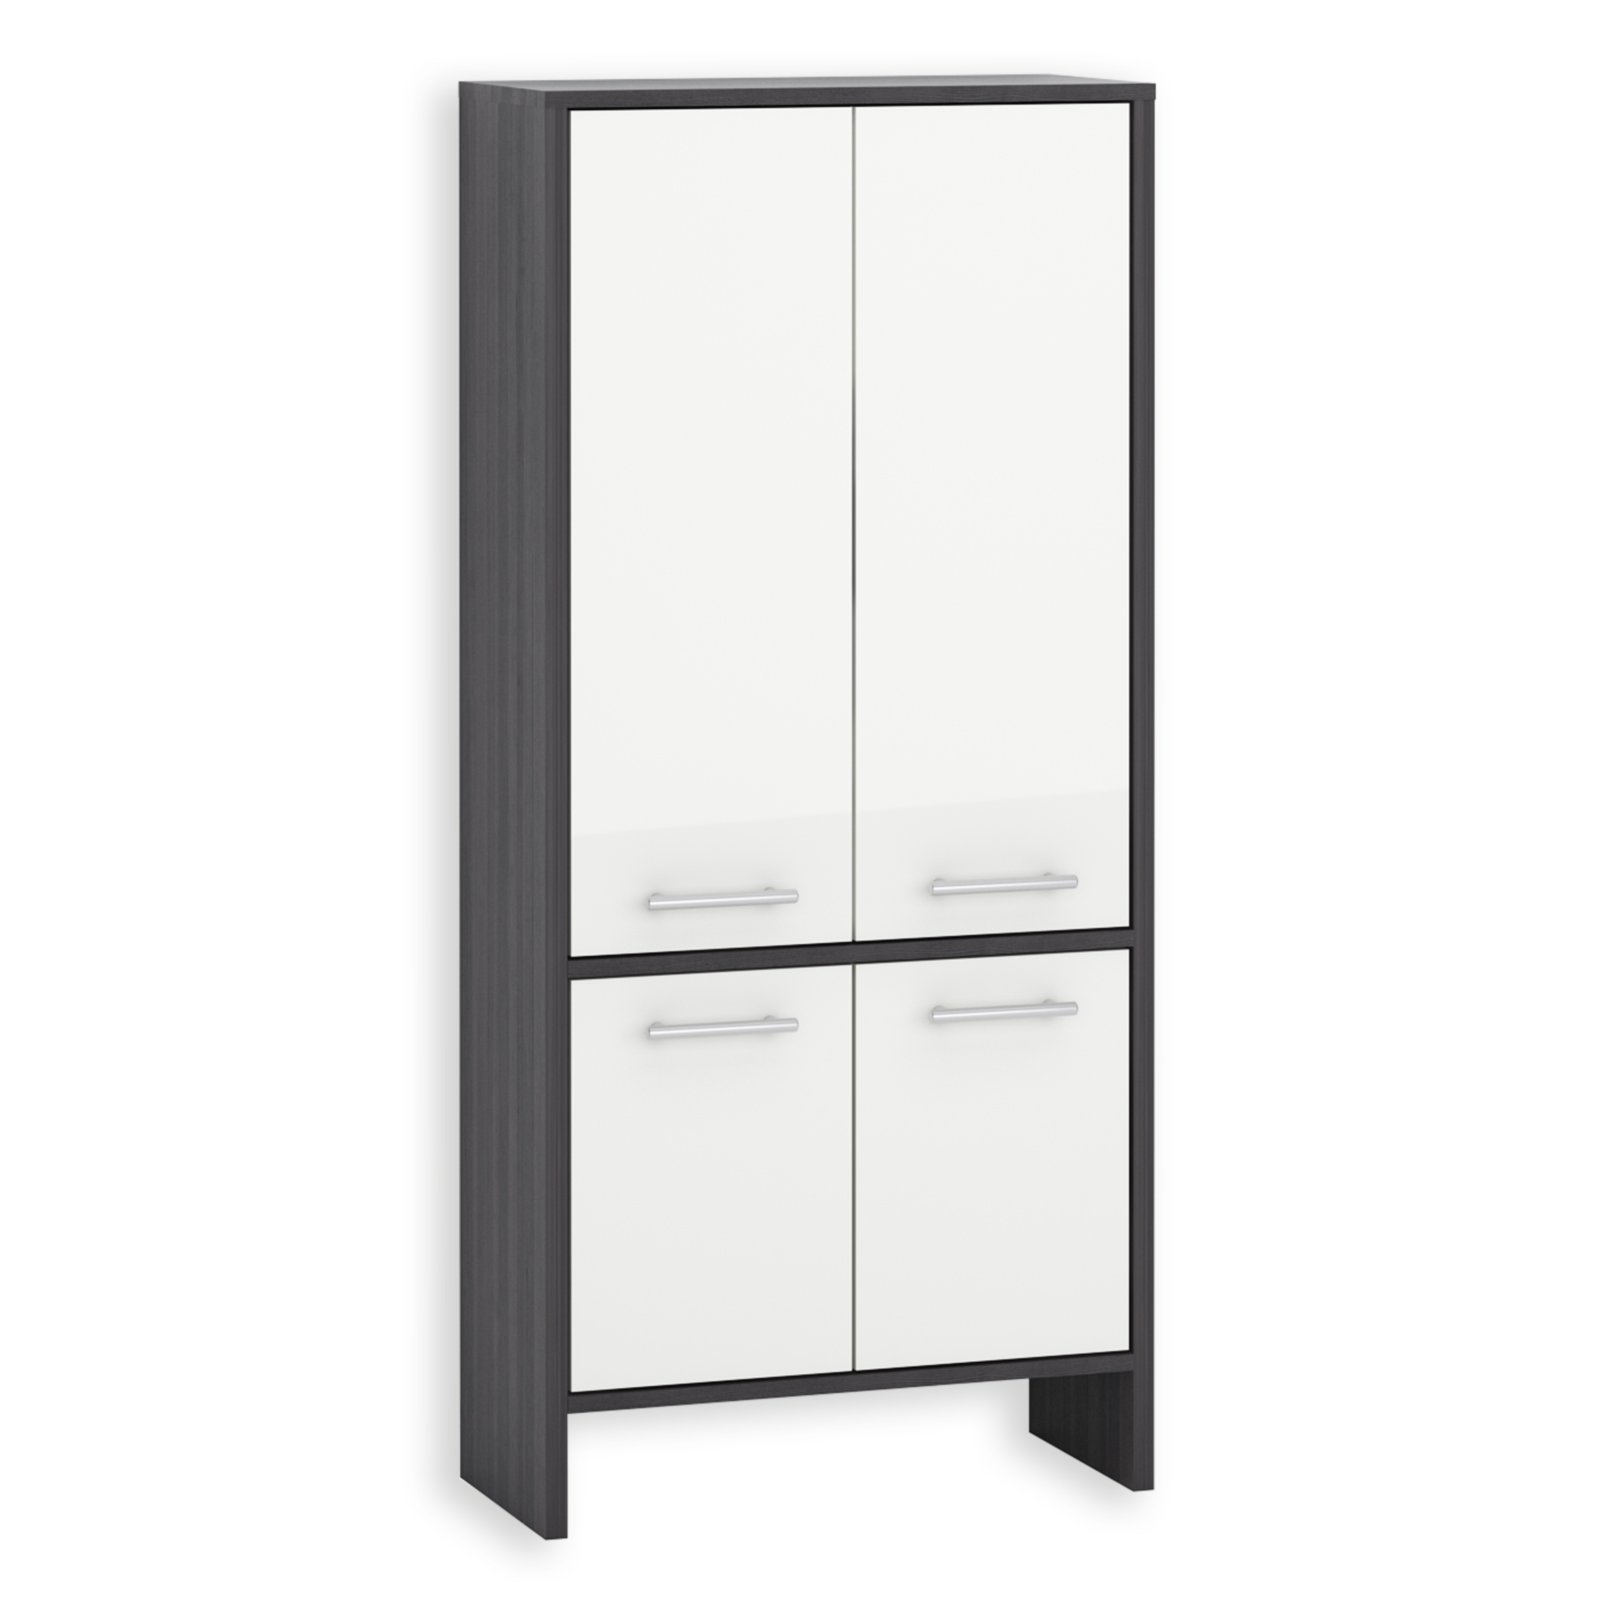 hochschrank marcus wei hochglanz esche grau 62x136 cm badezimmer hoch midischr nke. Black Bedroom Furniture Sets. Home Design Ideas